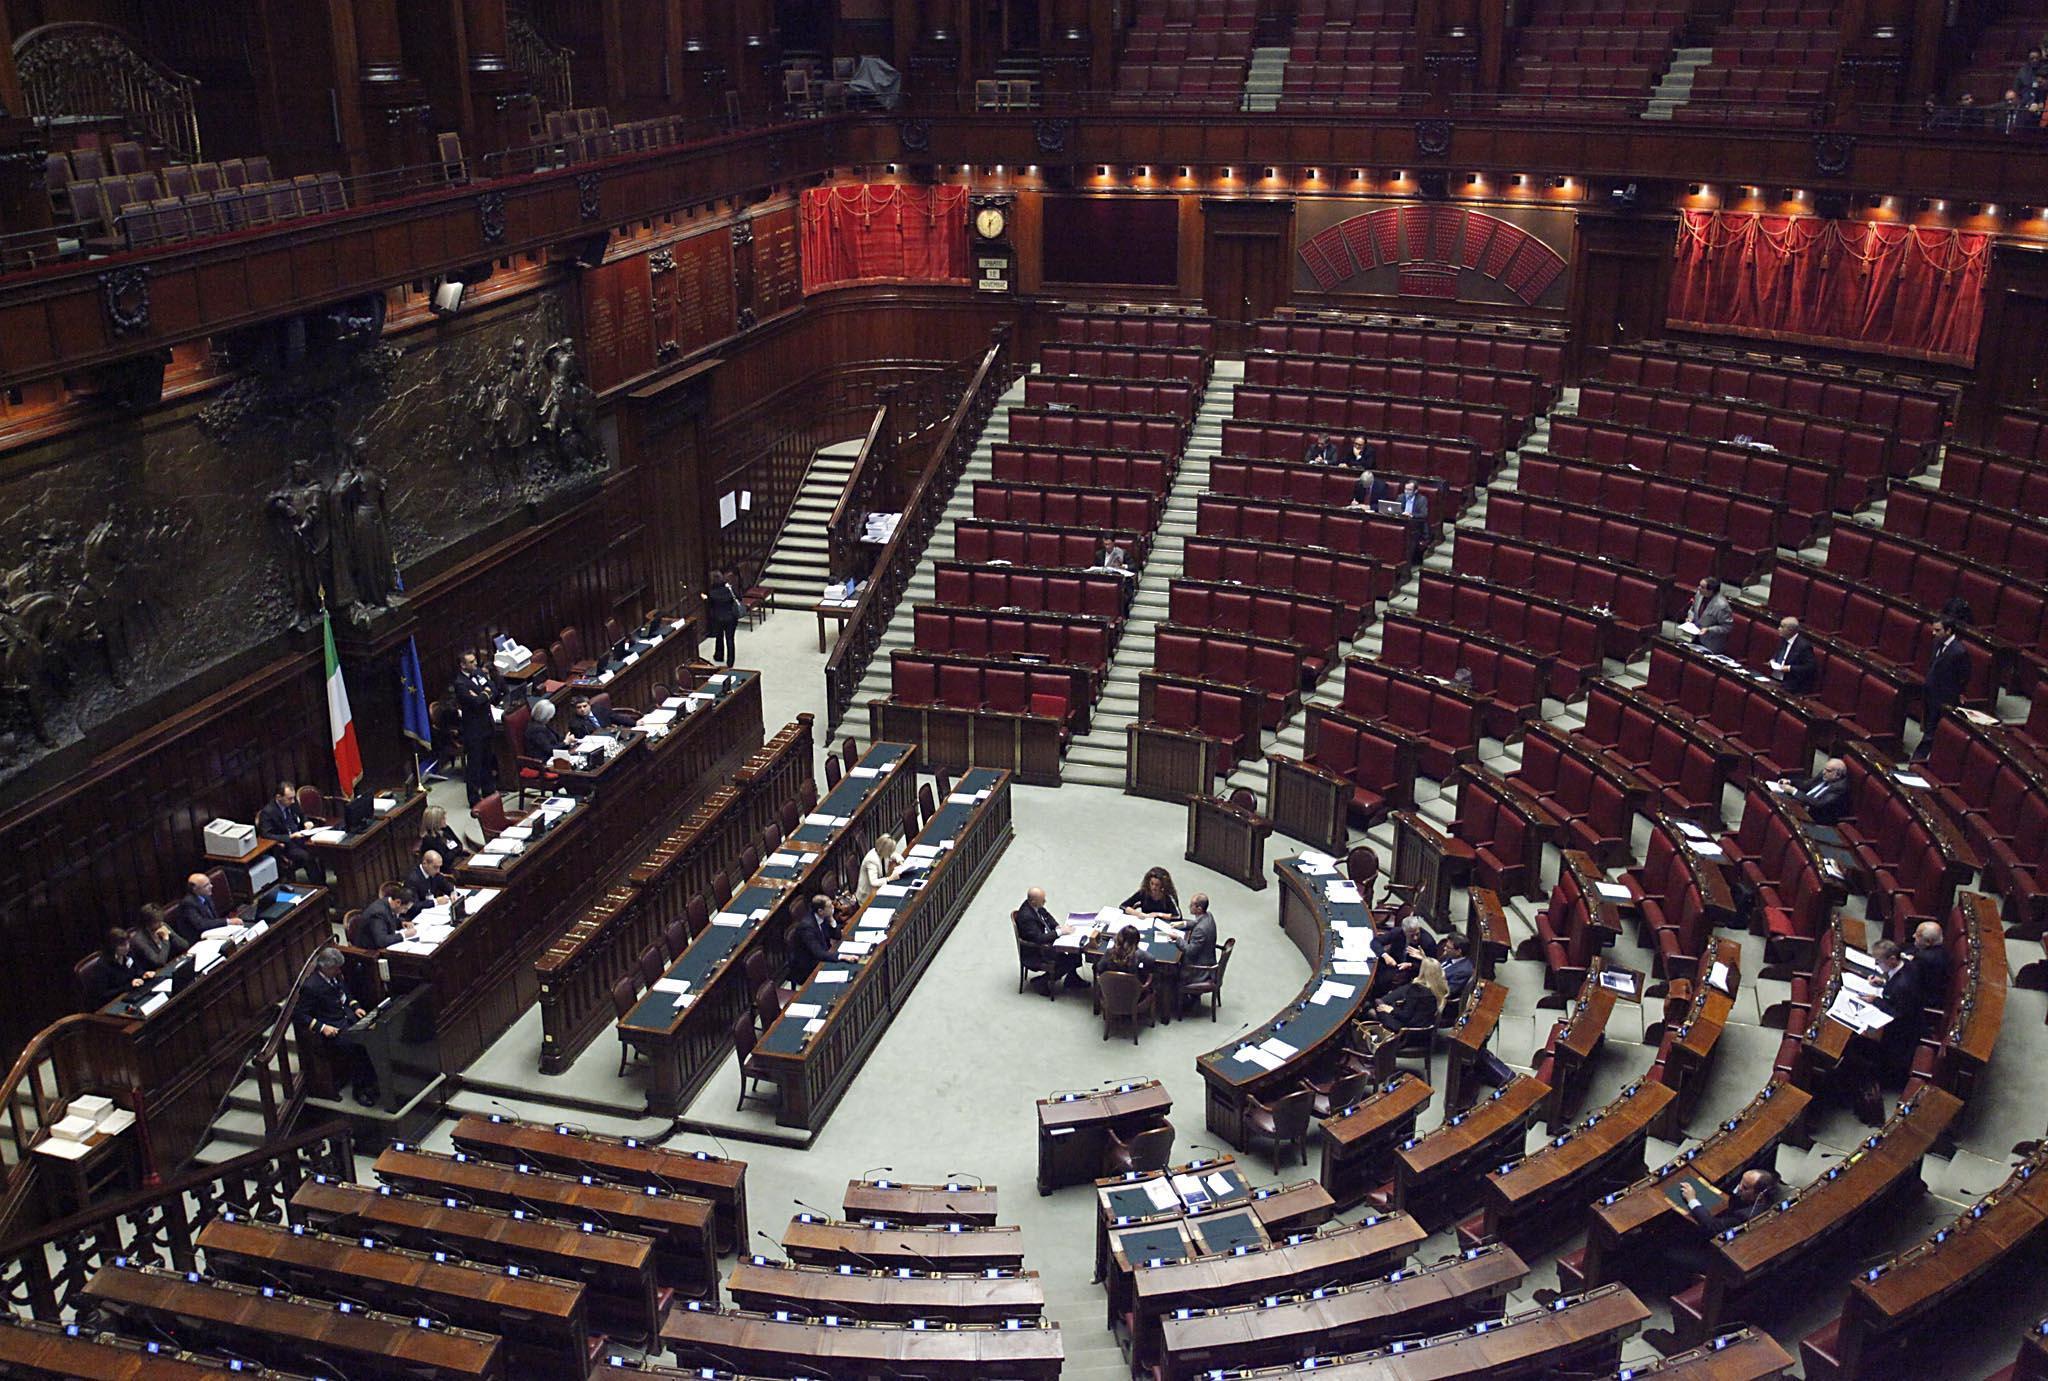 La falsa promessa degli stipendi dei parlamentari il for Video camera dei deputati